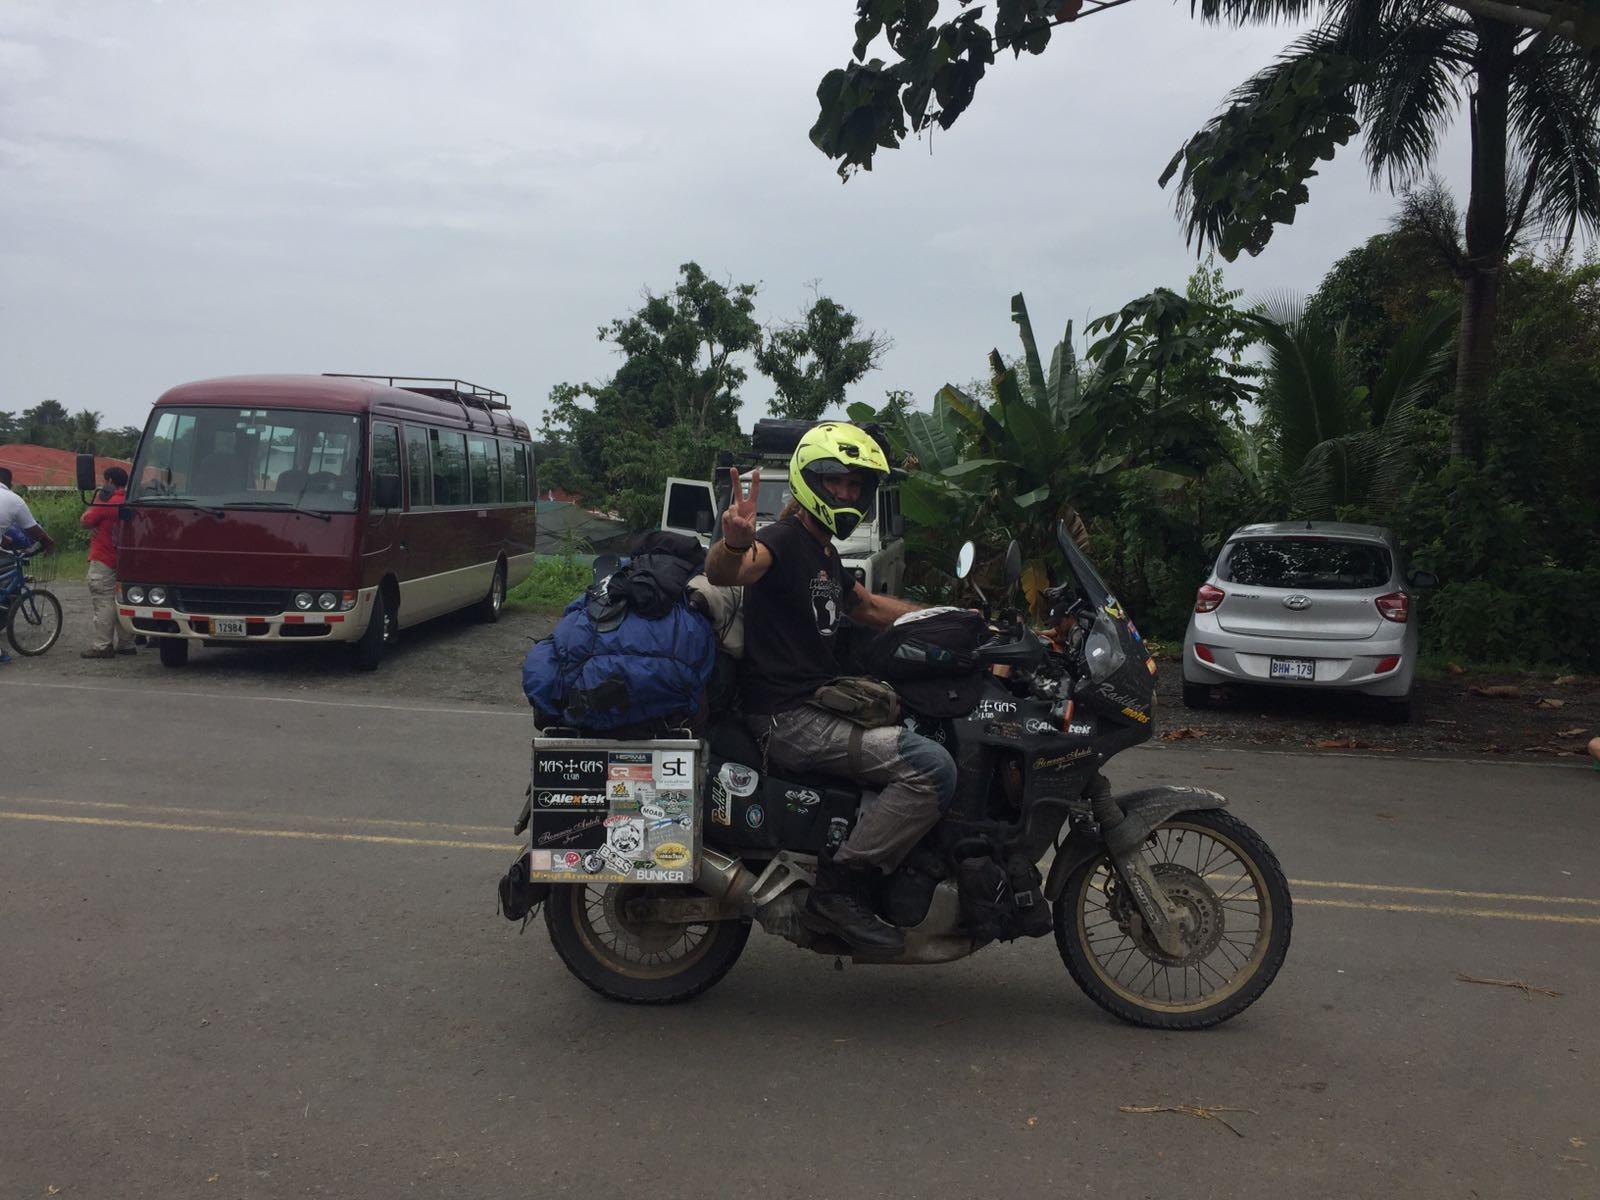 PANAMA – Bocas Del Toro (14 De Julio De 2017)